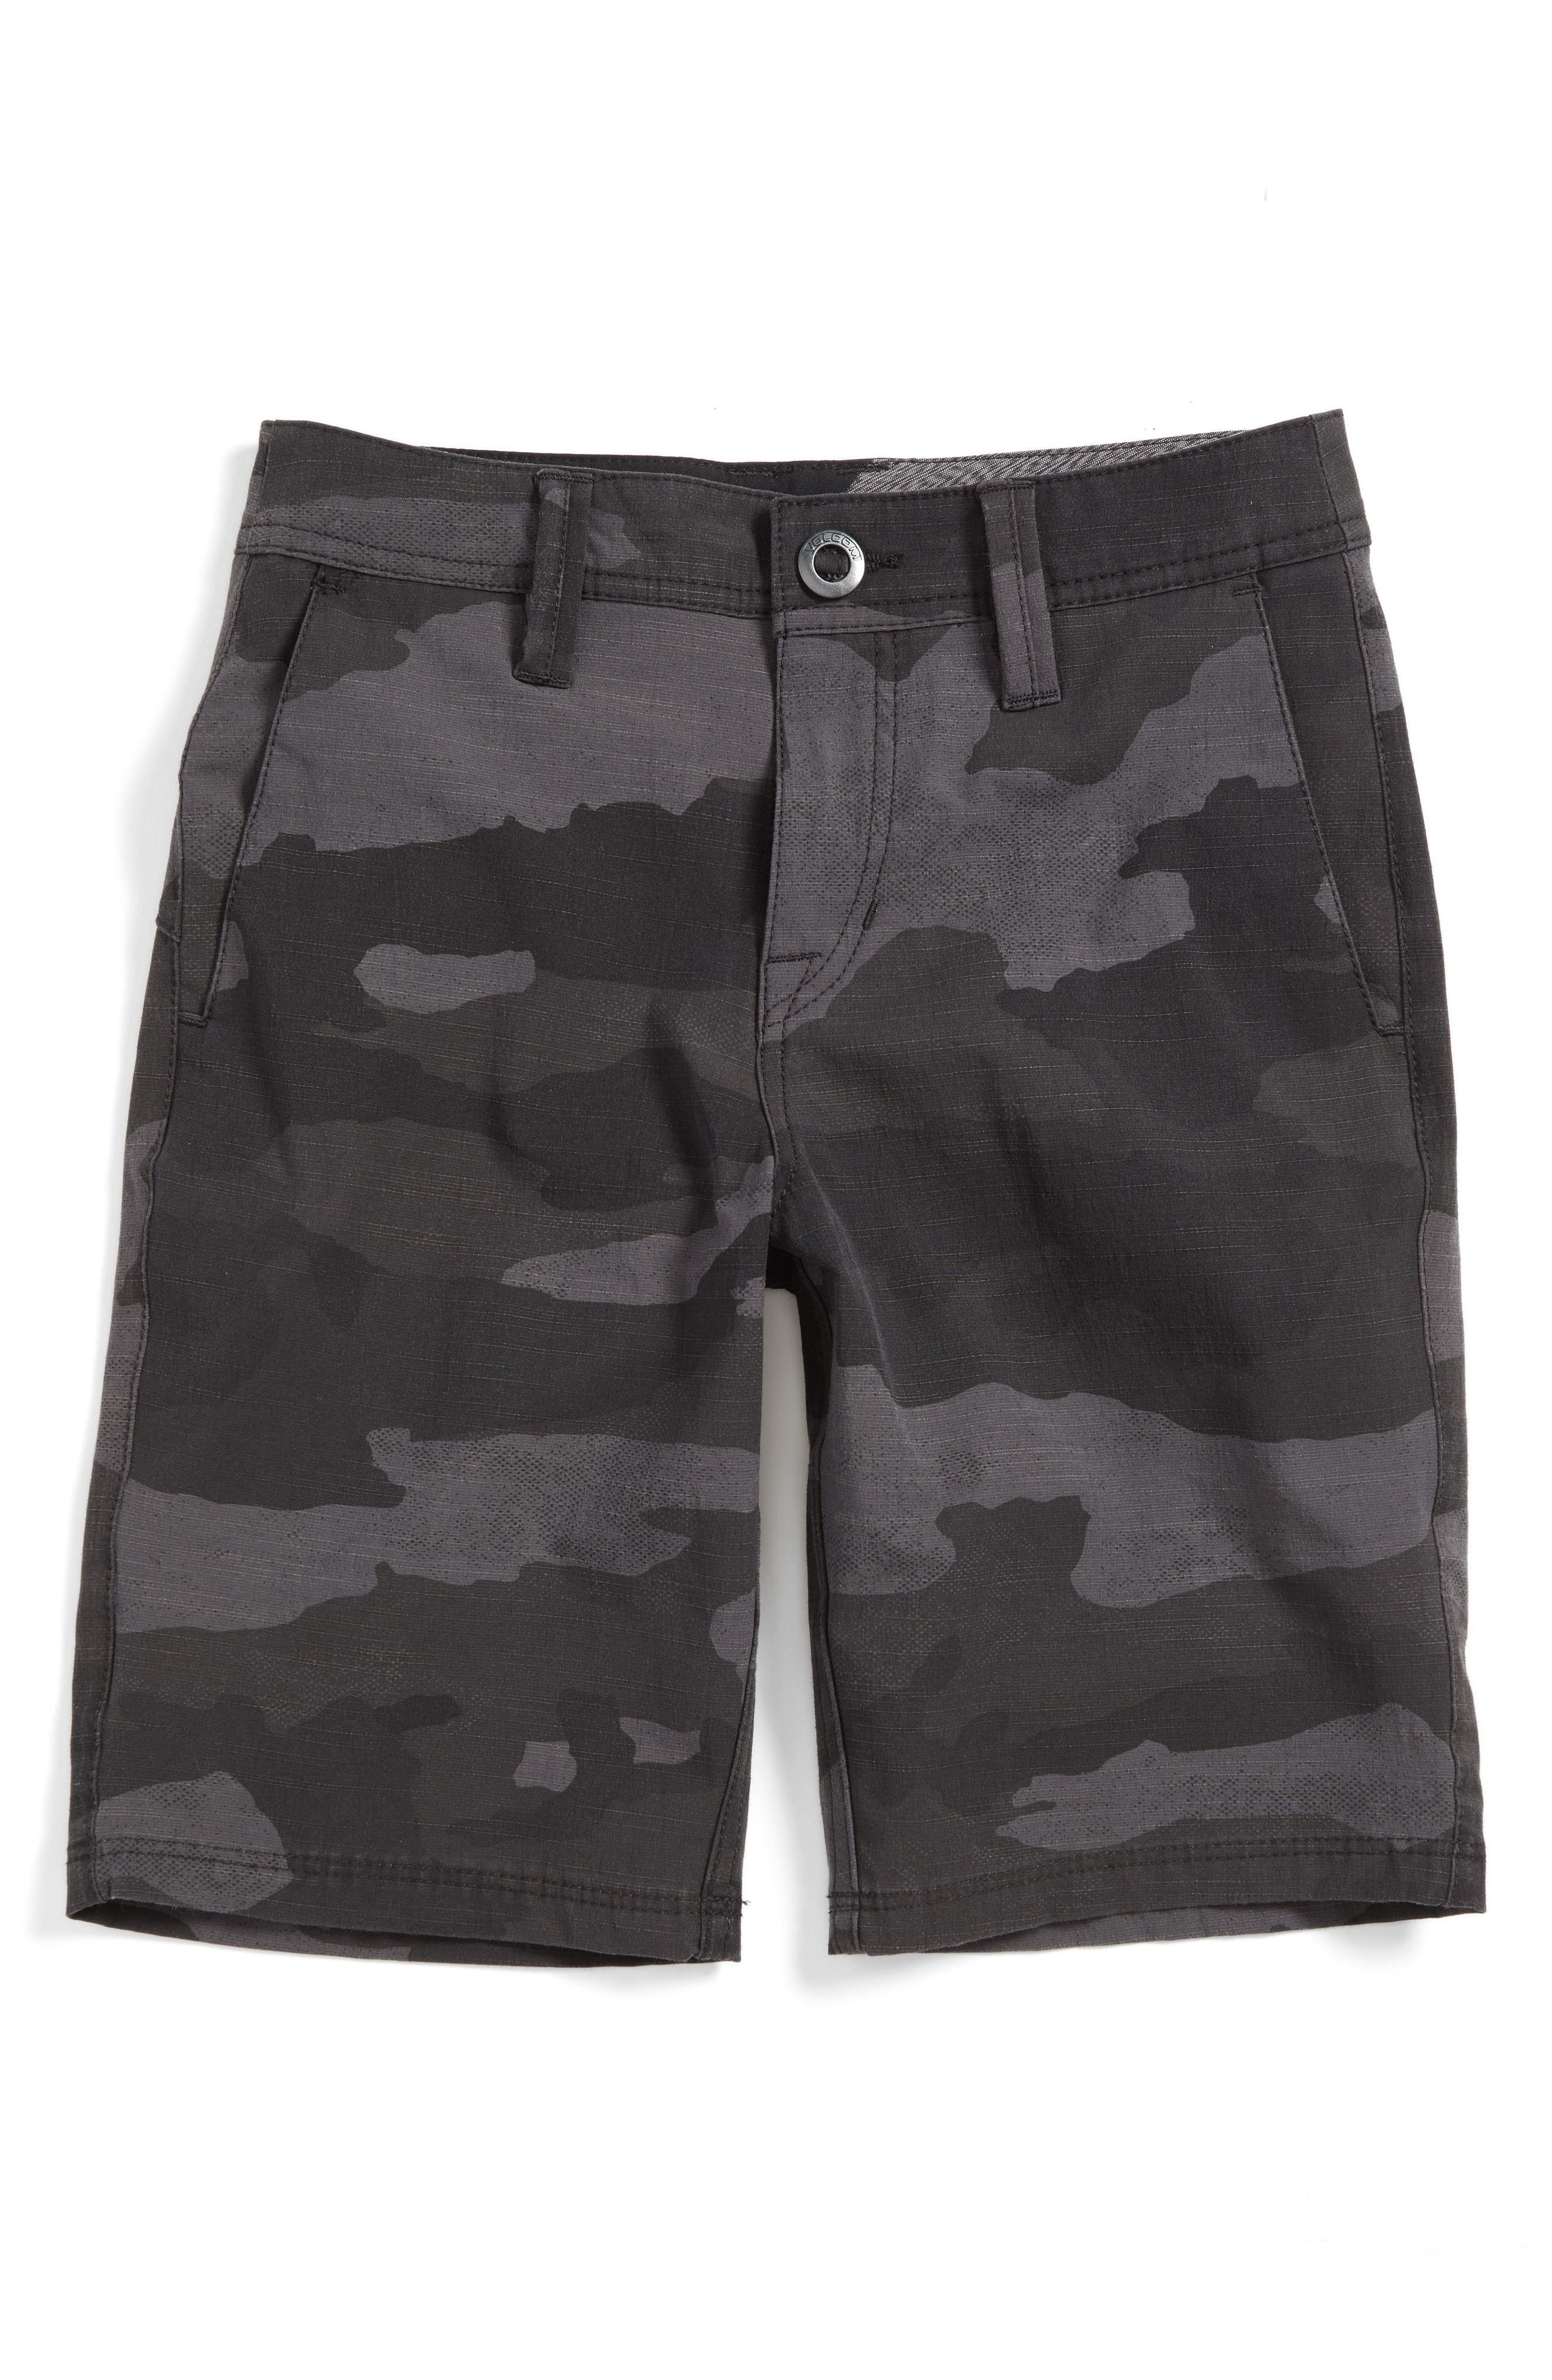 Surf N' Turf Hybrid Shorts,                         Main,                         color, Black